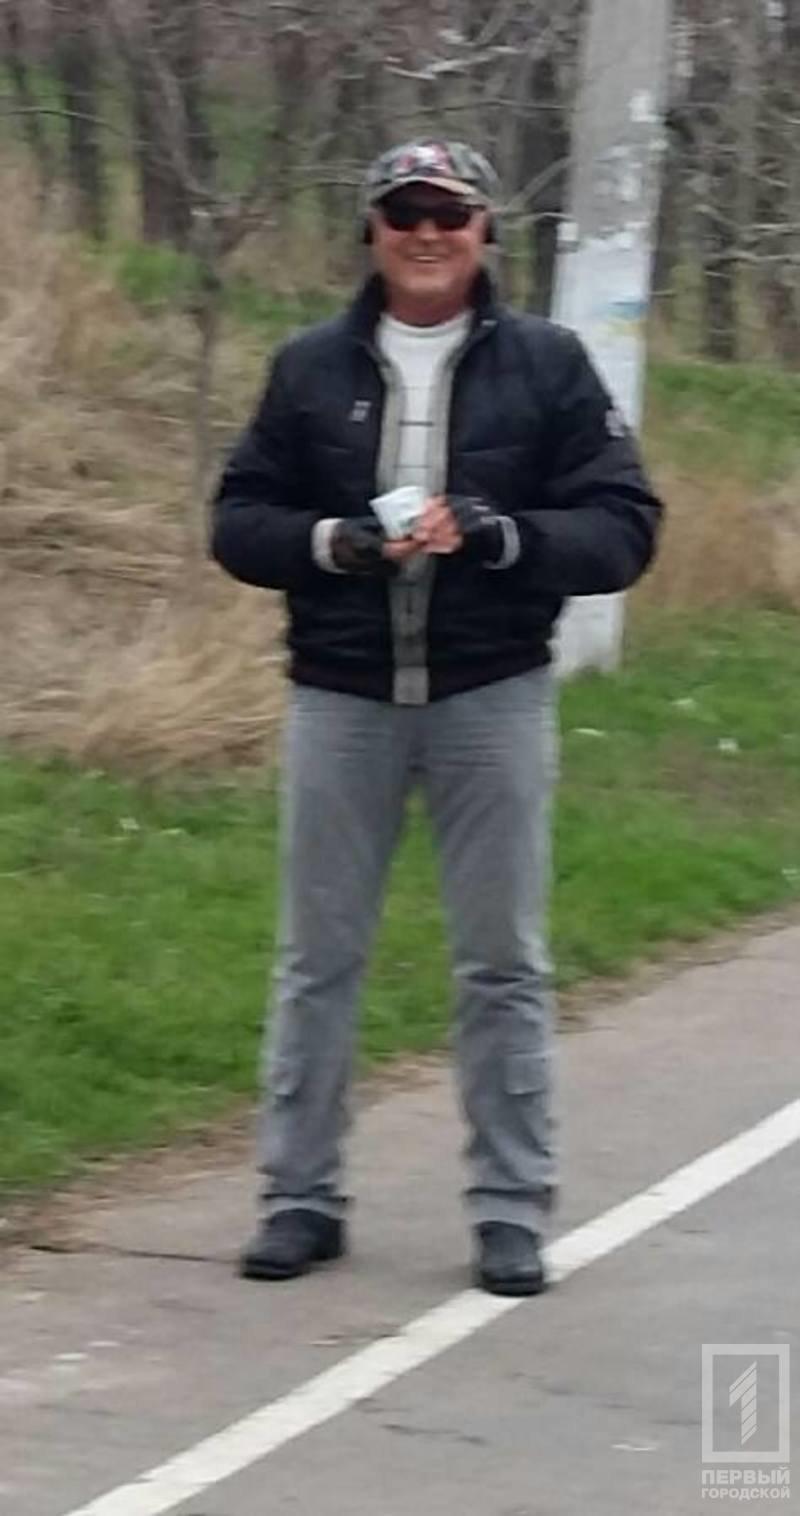 В Одессе мужчина разбрасывал по улице стодолларовые купюры (ФОТО) (фото) - фото 1